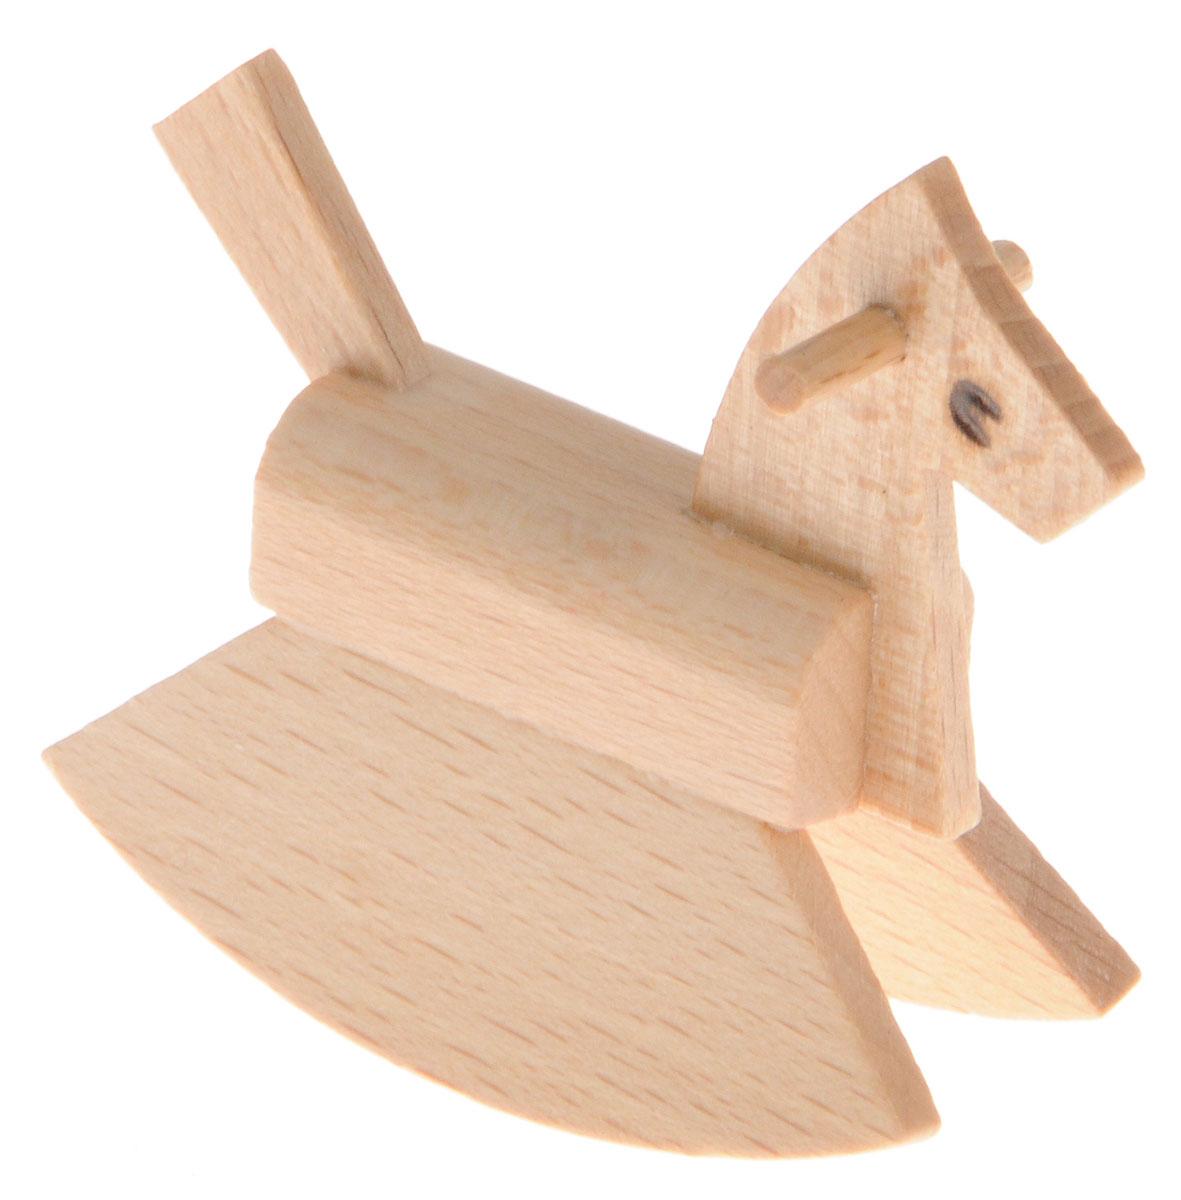 Fritz Canzler Лошадка-качалка для кукол цвет светло-бежевый20300/10Лошадка-качалка Fritz Canzler - это прекрасный аксессуар для игры с мини-куклами. Ваш ребенок может придумать и разыграть различные сценки, используя кукол и лошадку. Игрушка изготовлена из высококачественного материала, в производстве используется древесина бука и клена. Лошадка-качалка Fritz Canzler обеспечивает развитие и обучение вашего ребенка в процессе игры. Производство осуществляется в Германии.